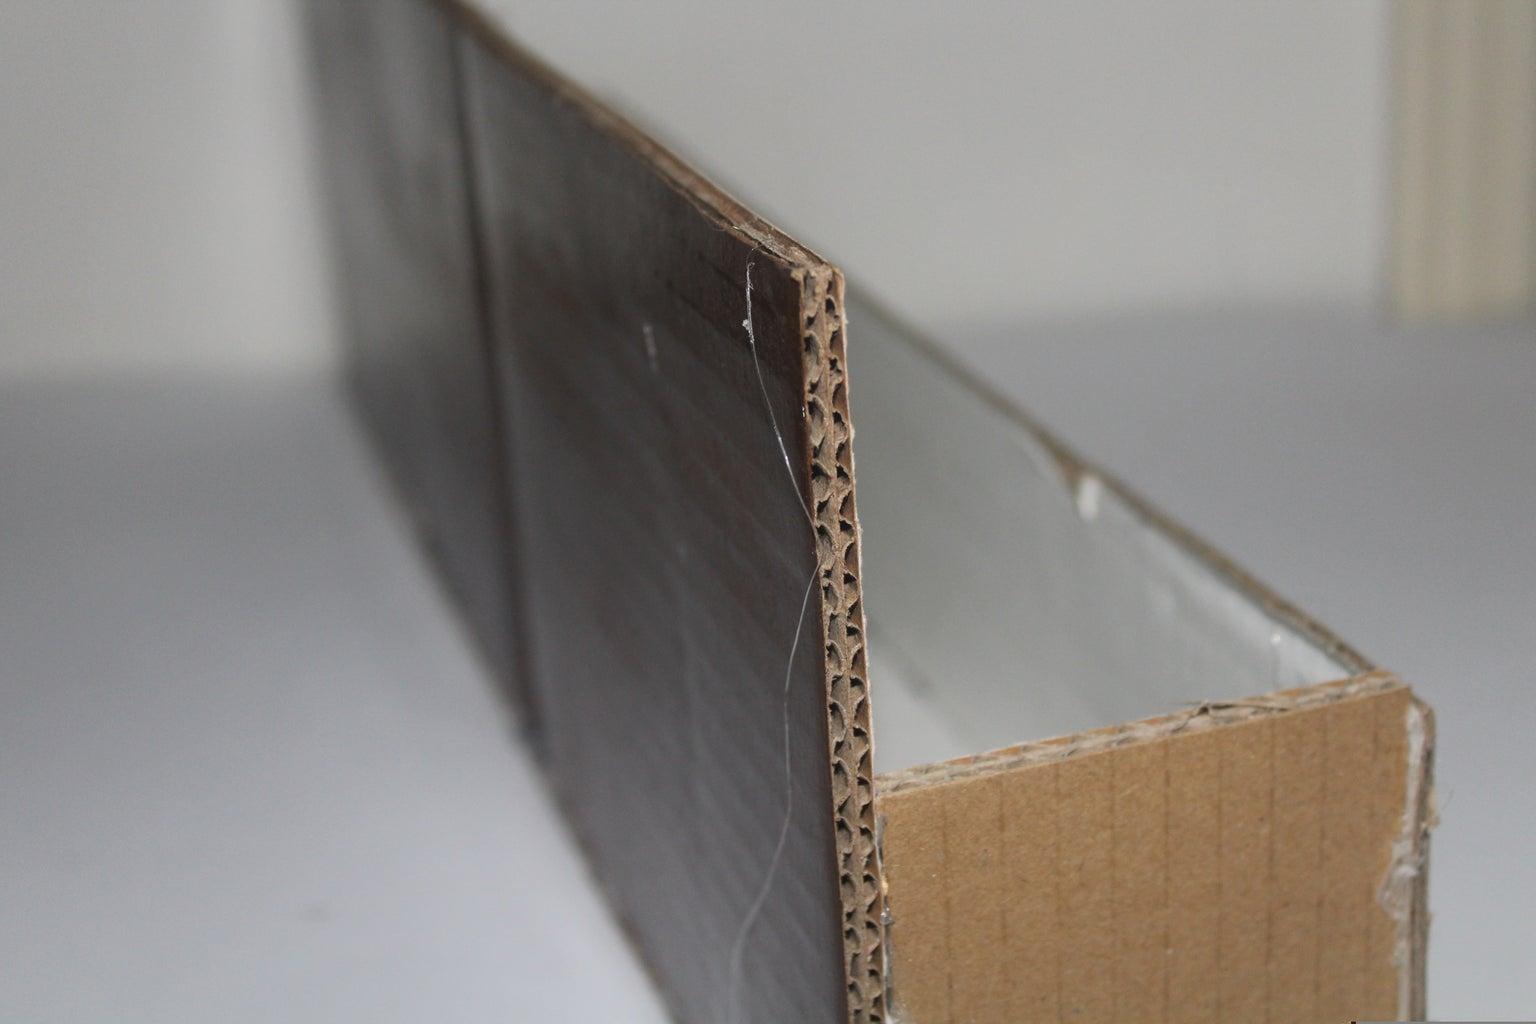 Add the BOX PAPER